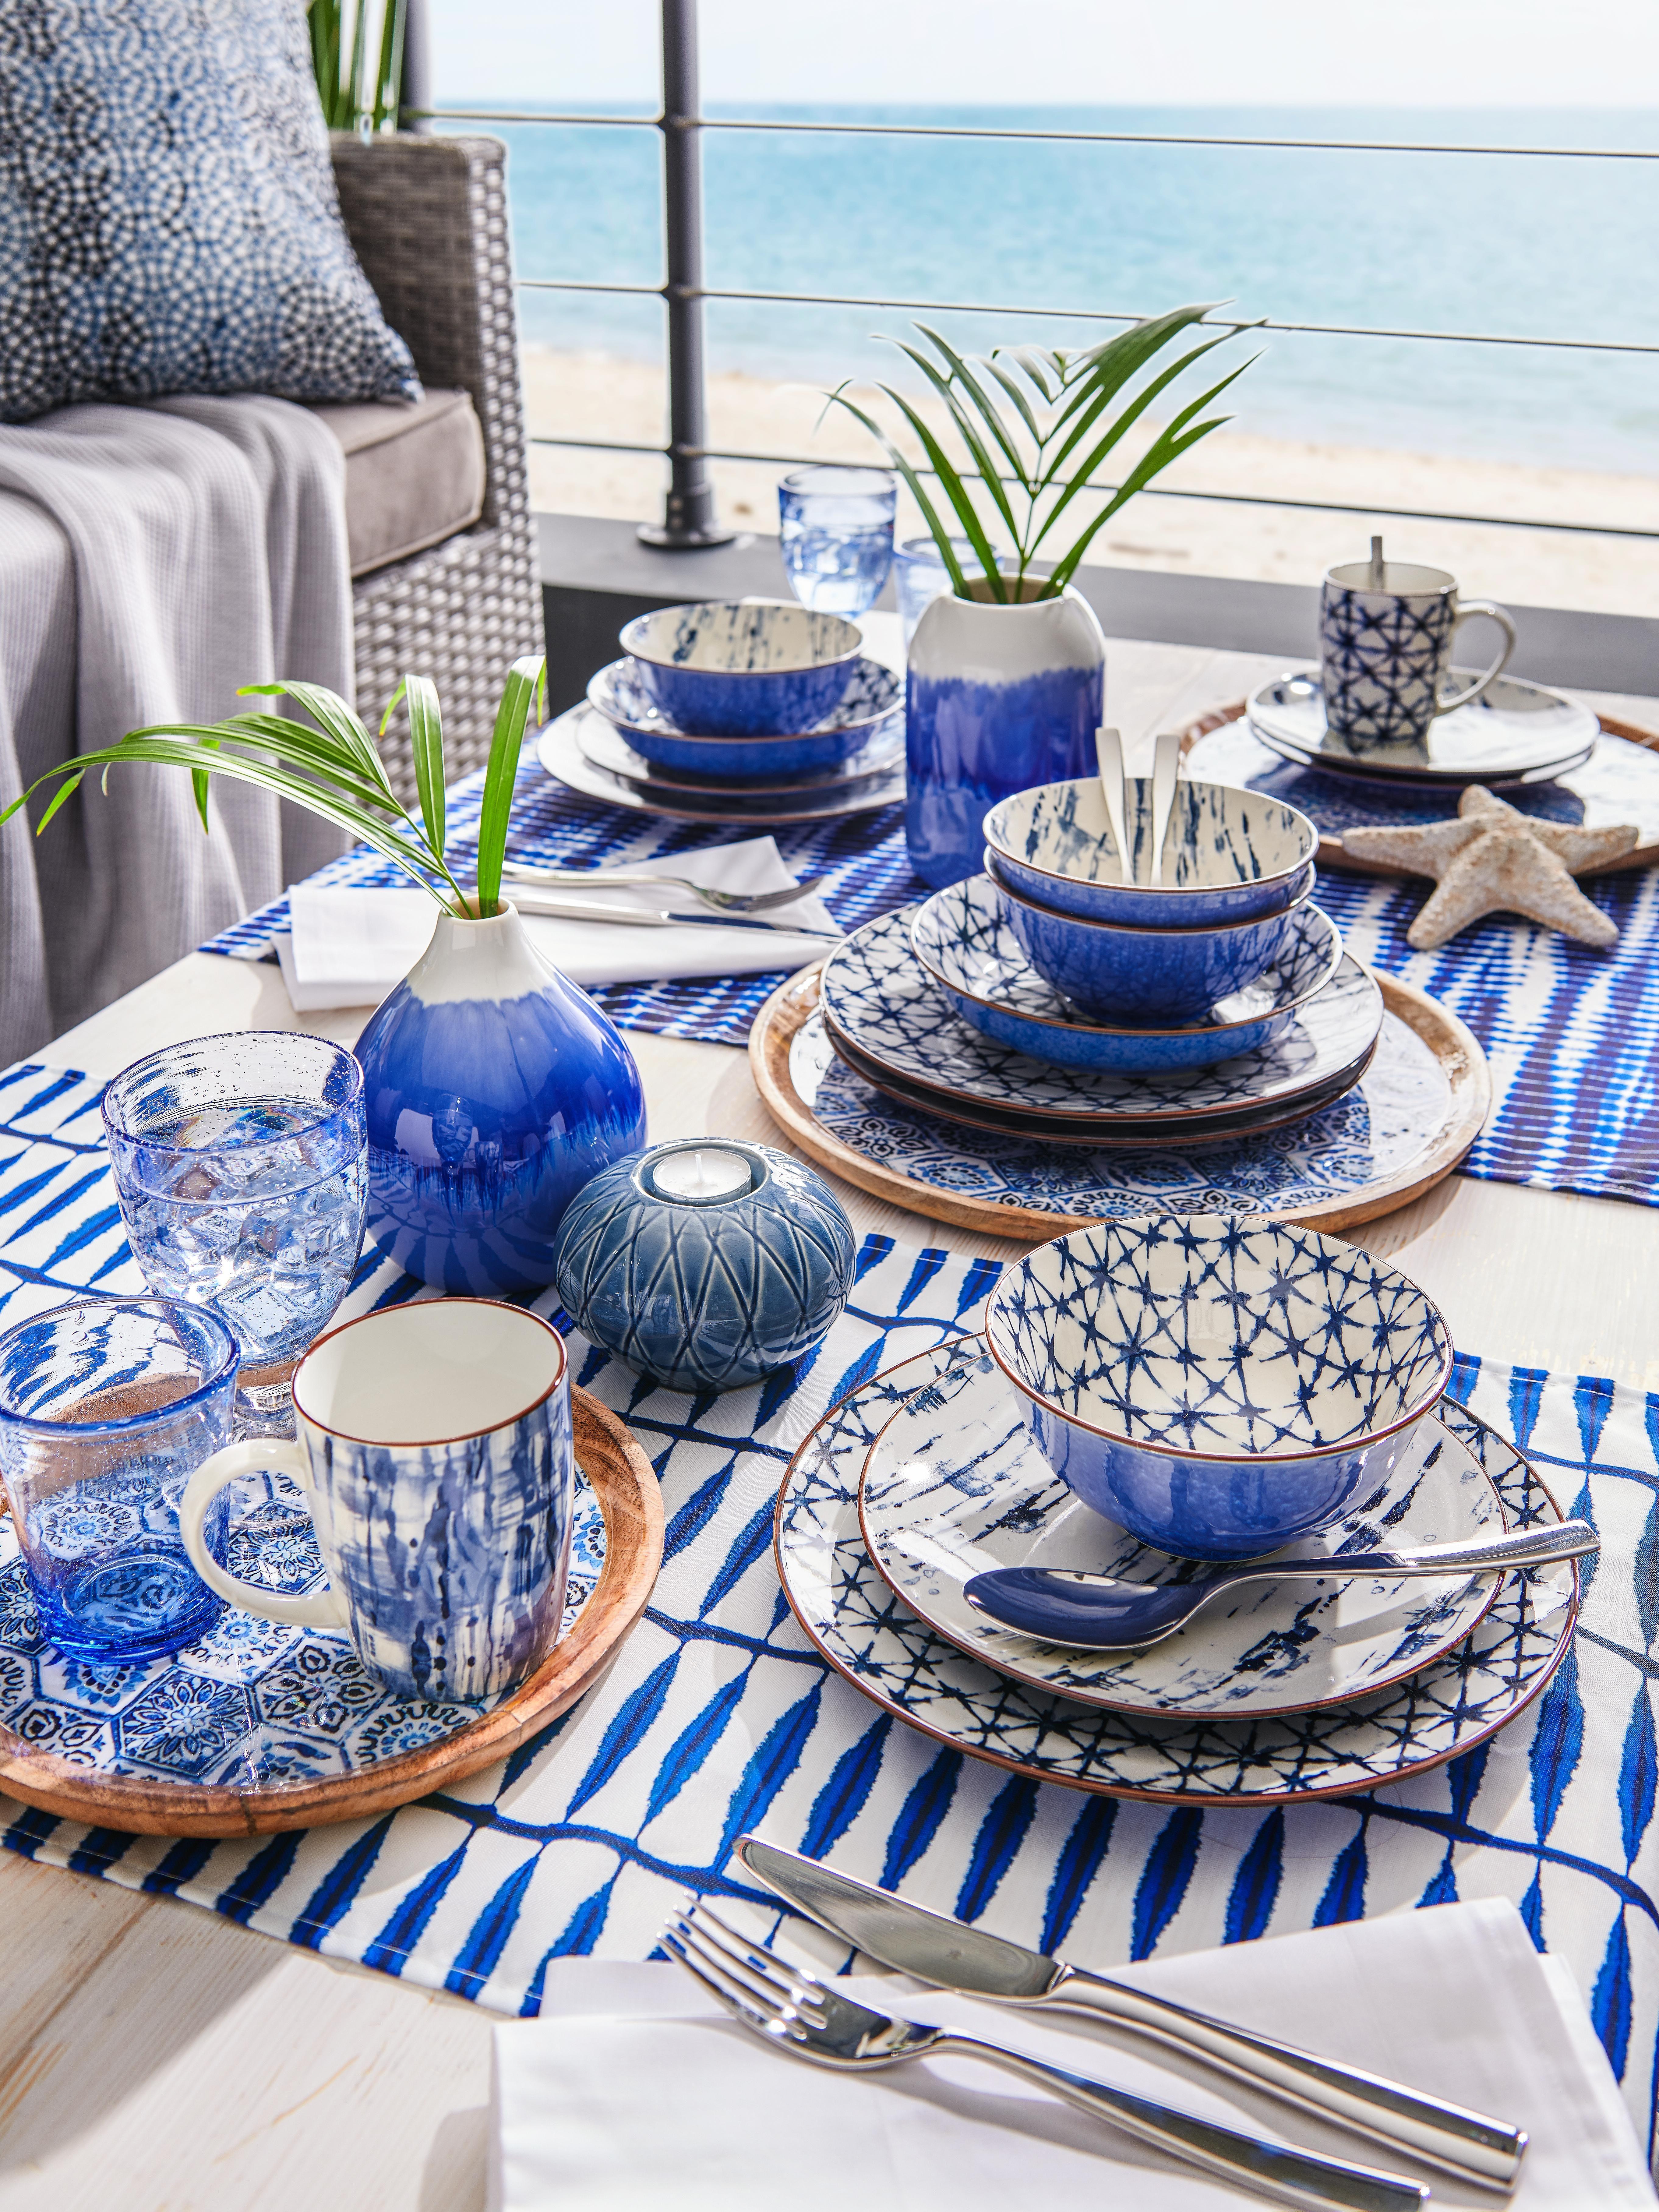 Kombiservice 30 Teilig In 2020 Blau Muster Kombiservice Und Blaues Geschirr